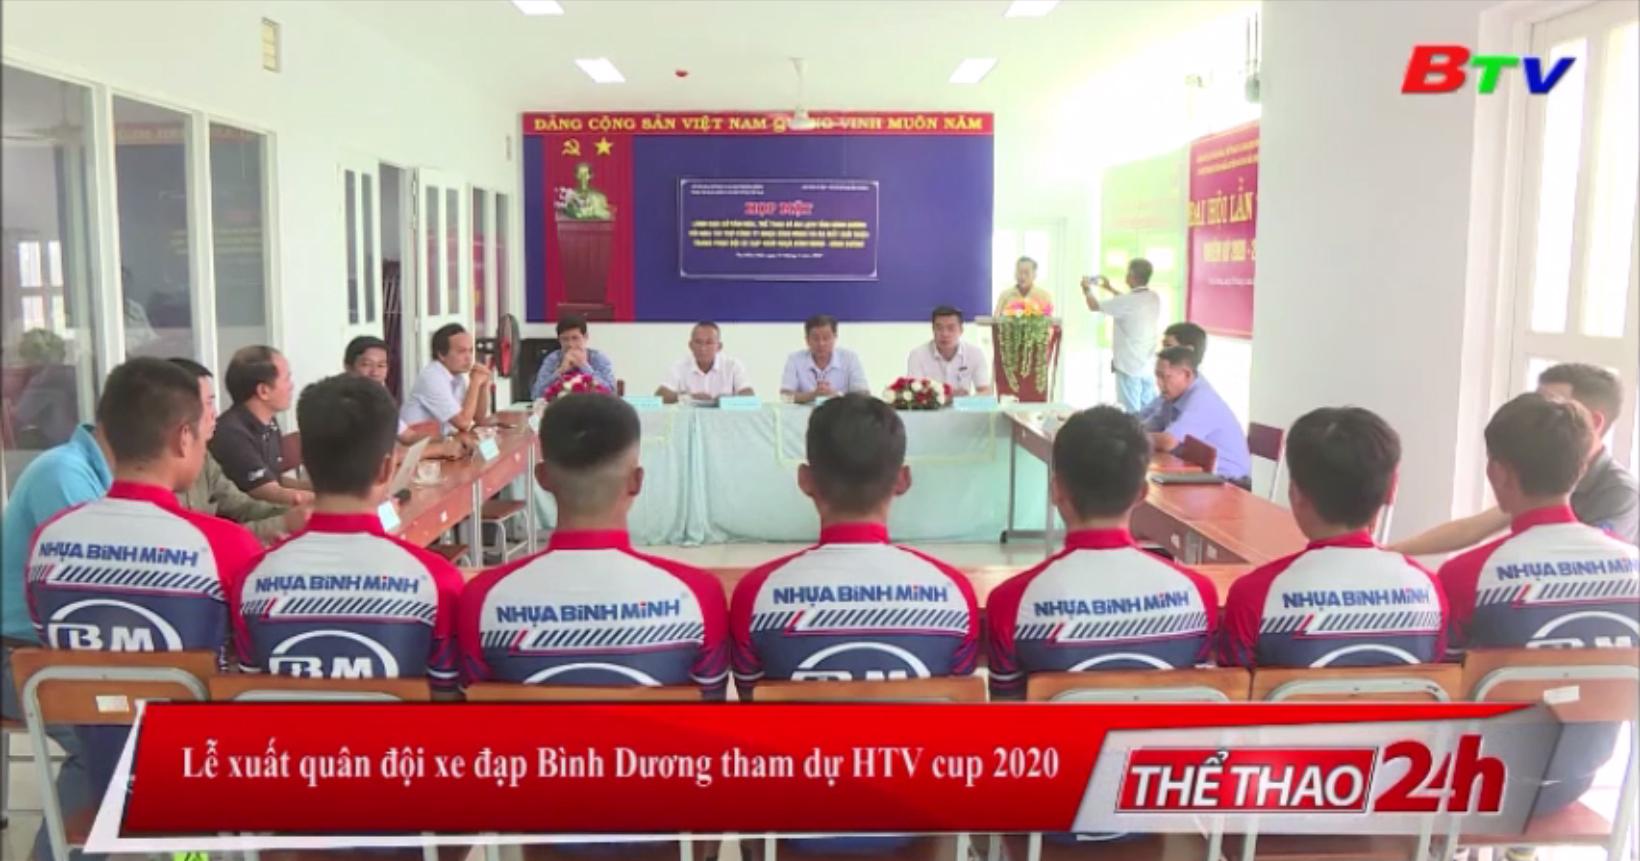 Lễ xuất quân Đội xe đạp Bình Dương tham dự HTV Cúp 2020